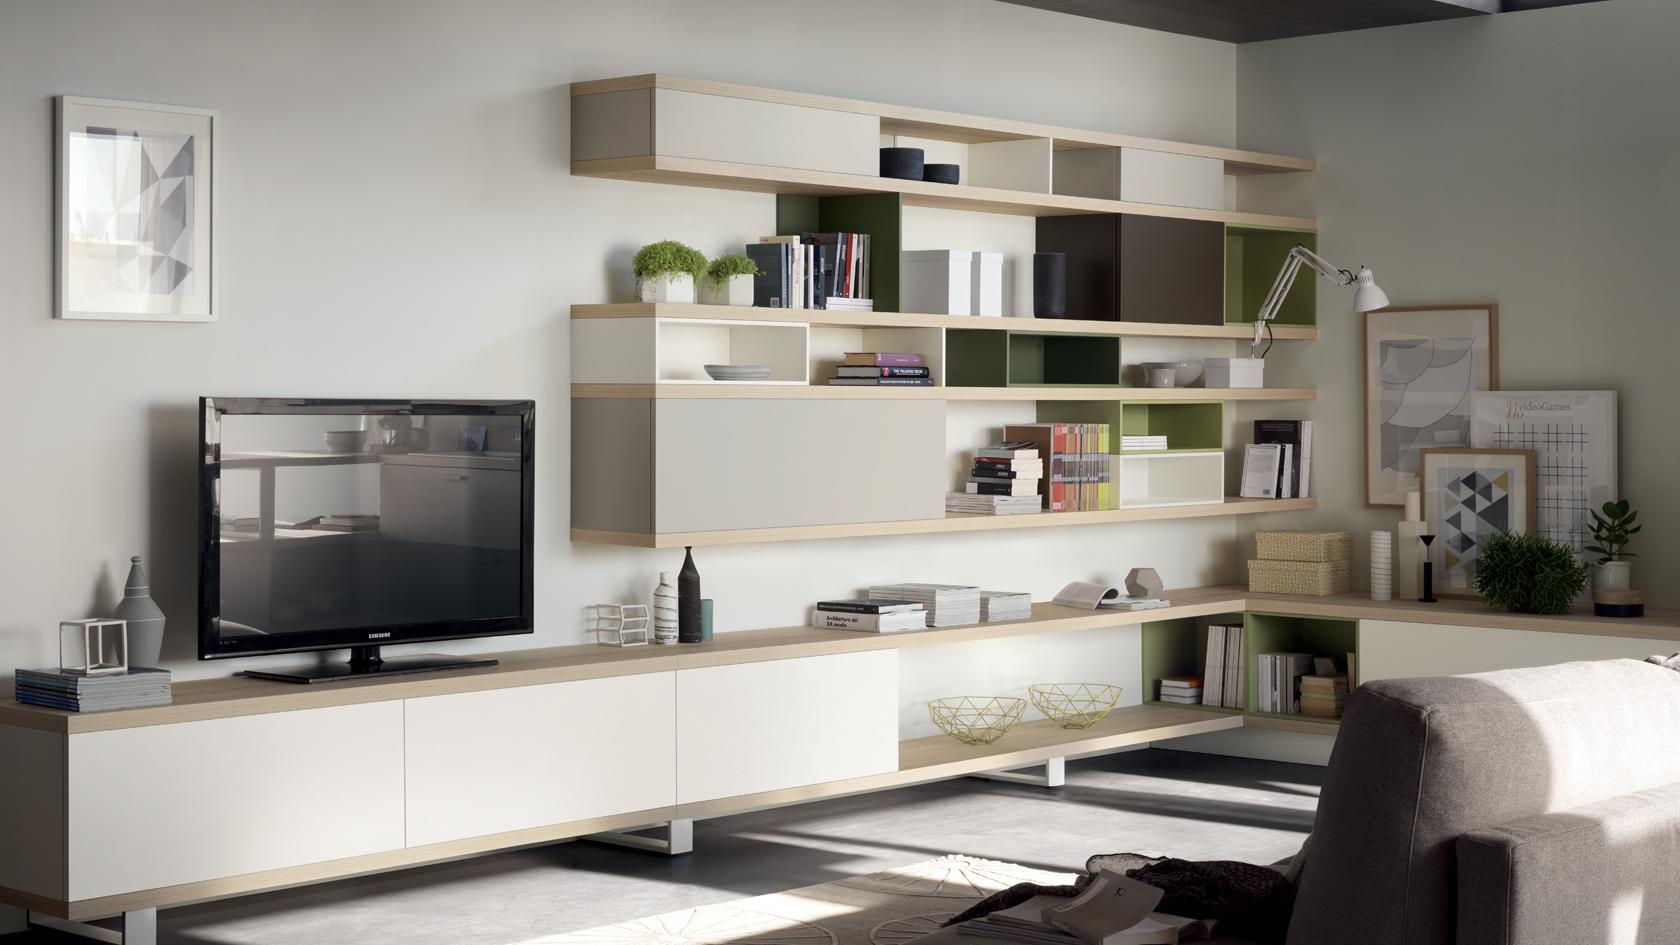 Foodshelf la soluzione open space di scavolini centro - Mobili living scavolini ...